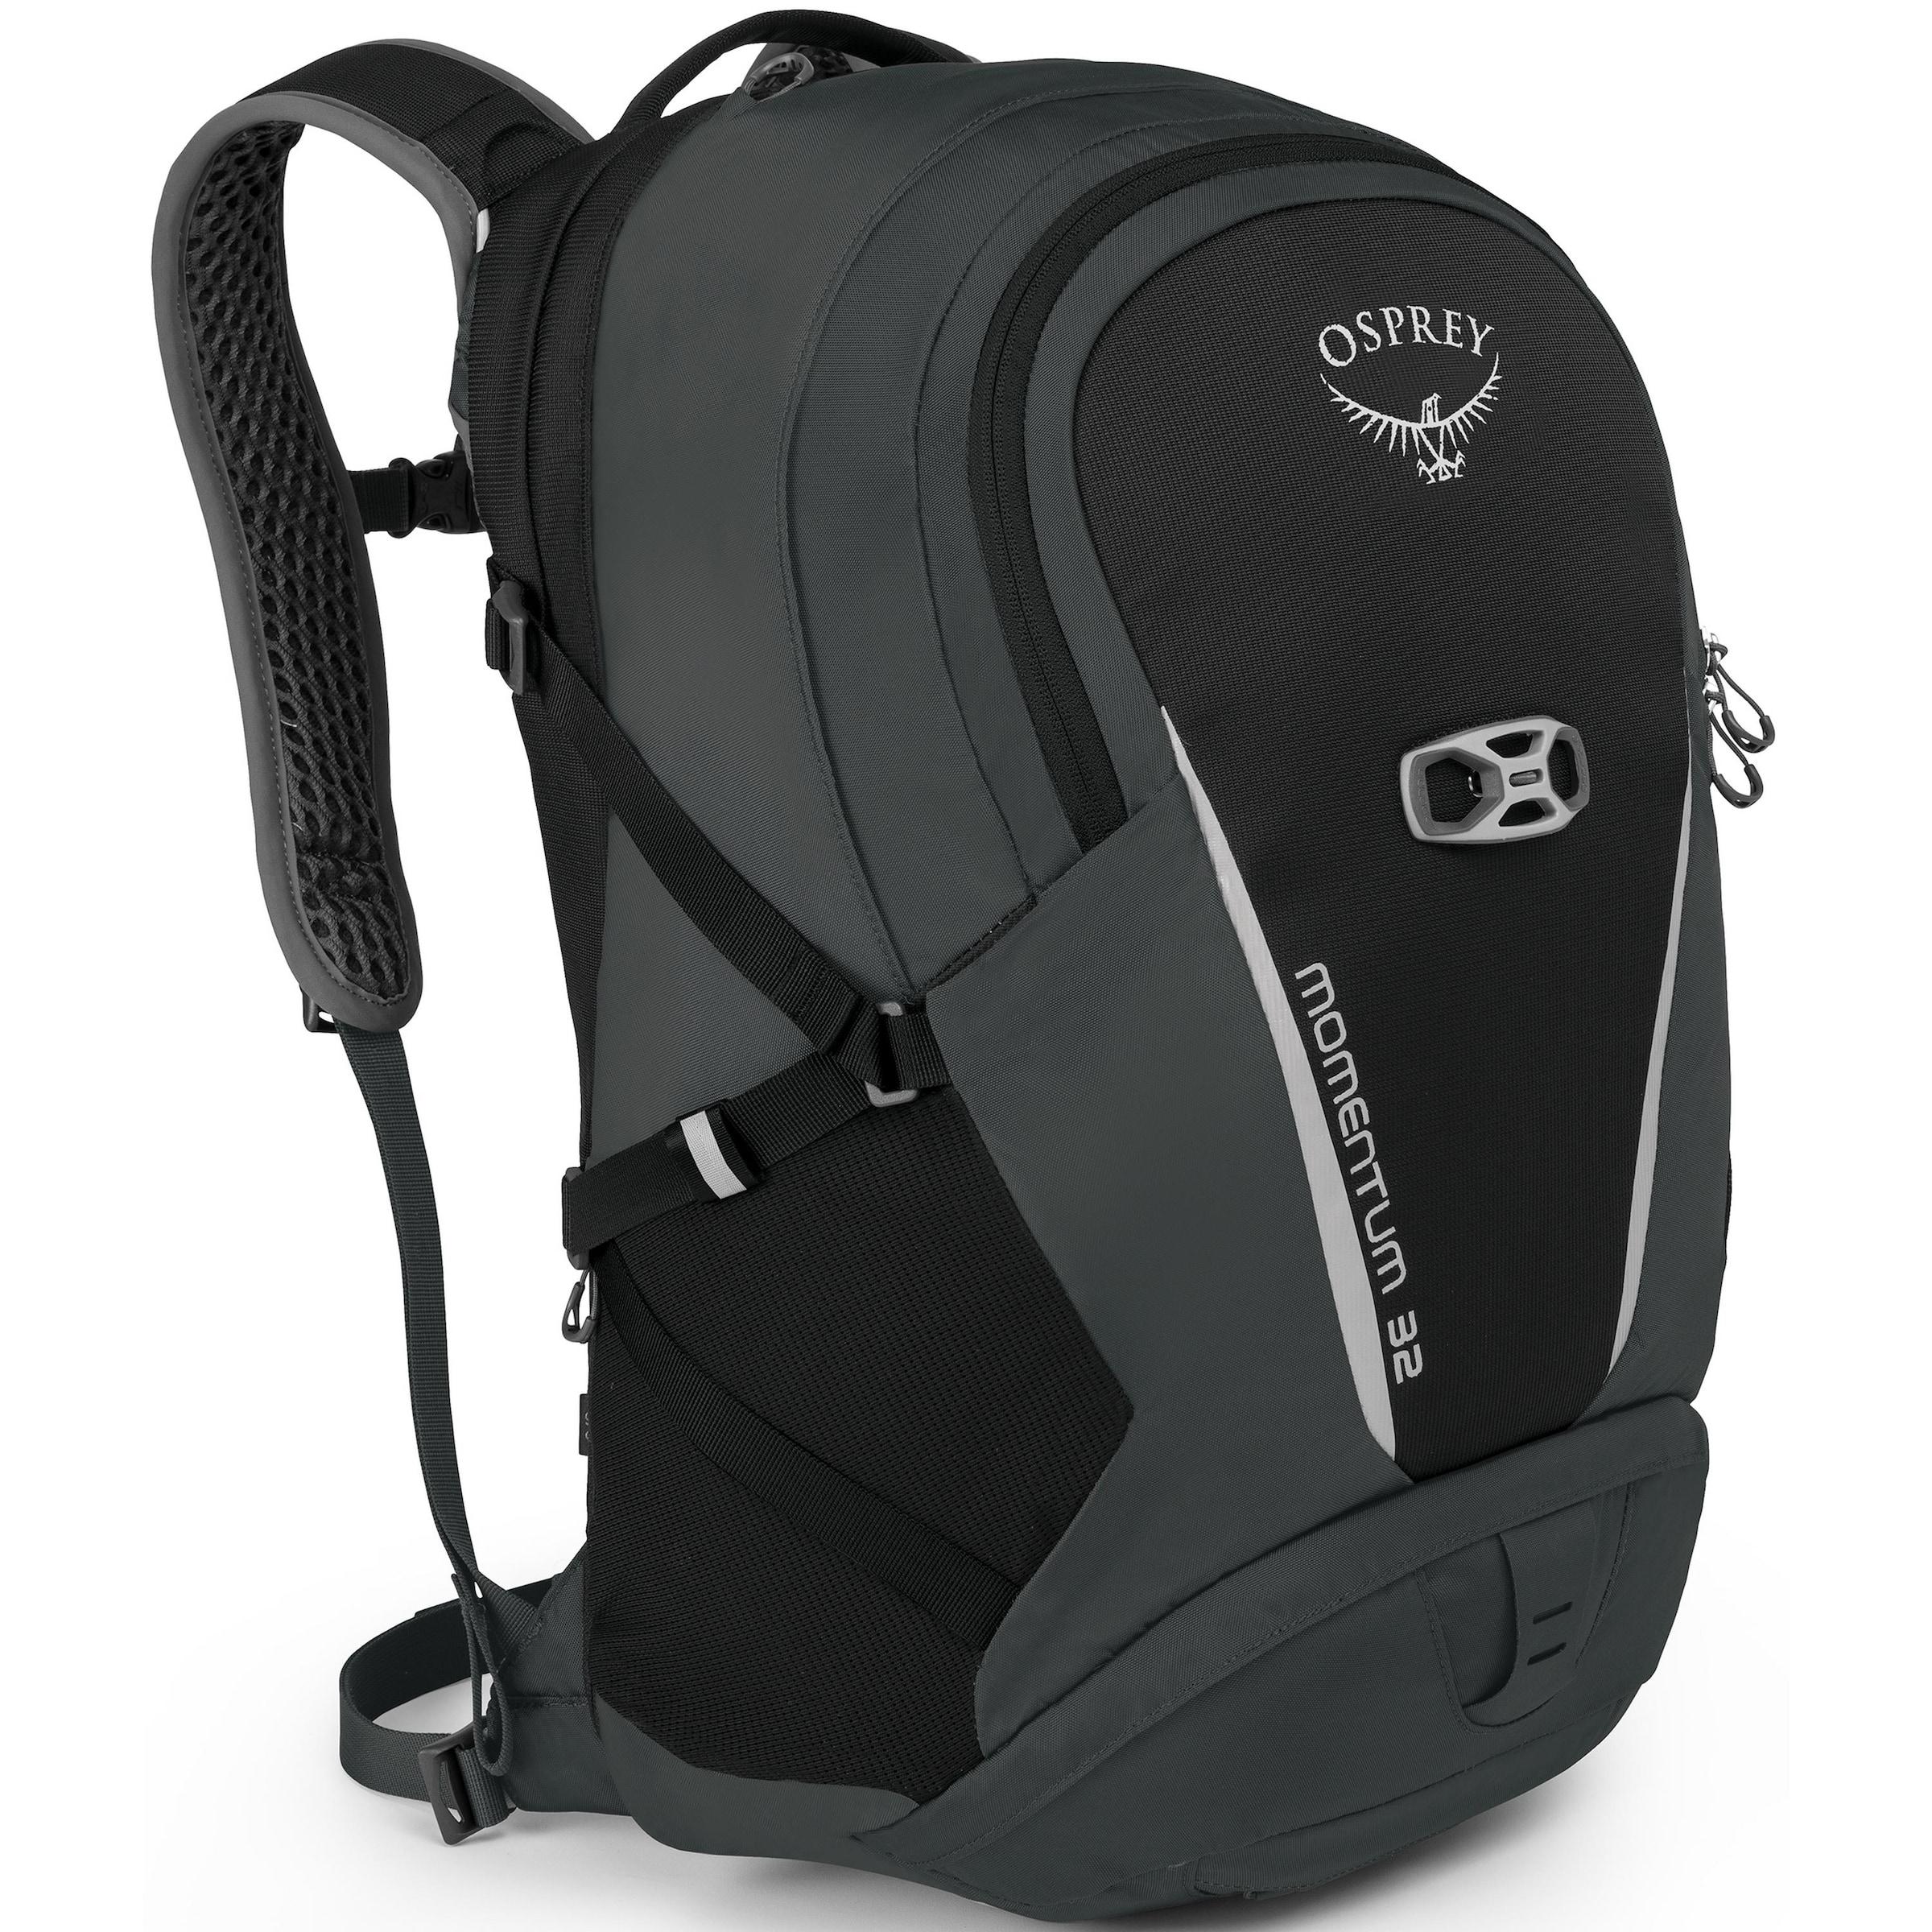 Zu Verkaufen Authentische Online Kaufen Osprey 'Momentum 32' Daypack Freie Versandpreise Billig Verkauf Exklusiv Outlet Factory Outlet Auf Der Suche Nach fU3q3W